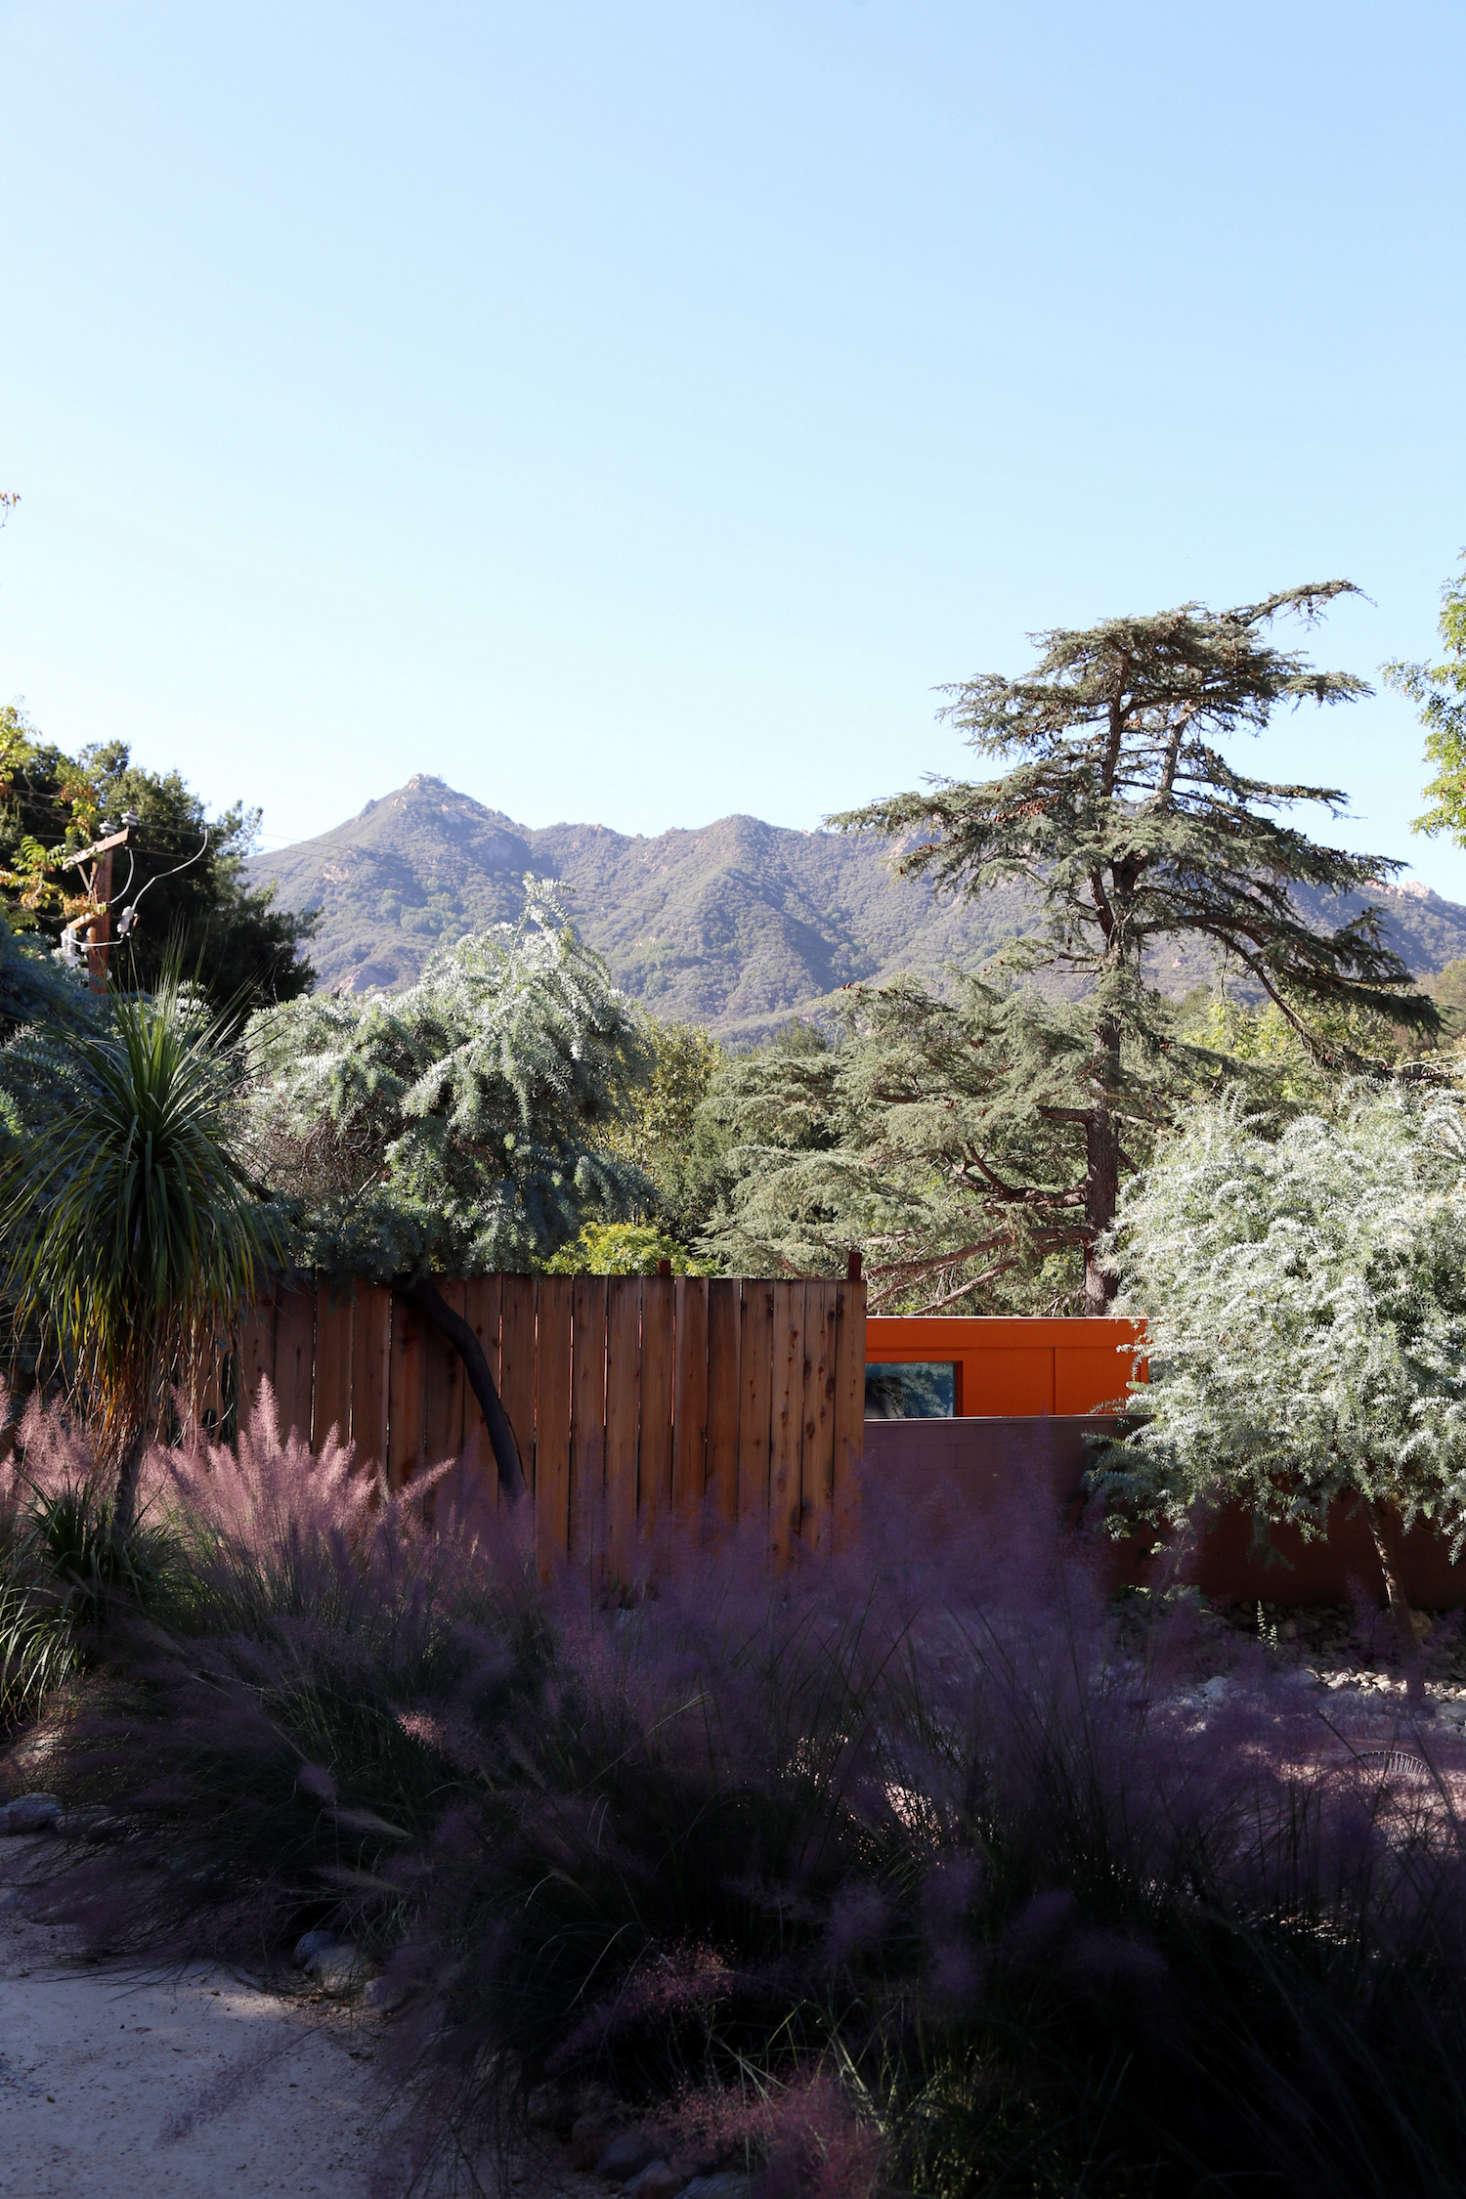 花园里的一个小镇的圣诞老人可以找到风景。篱笆被绑在拉比伍德的红木。